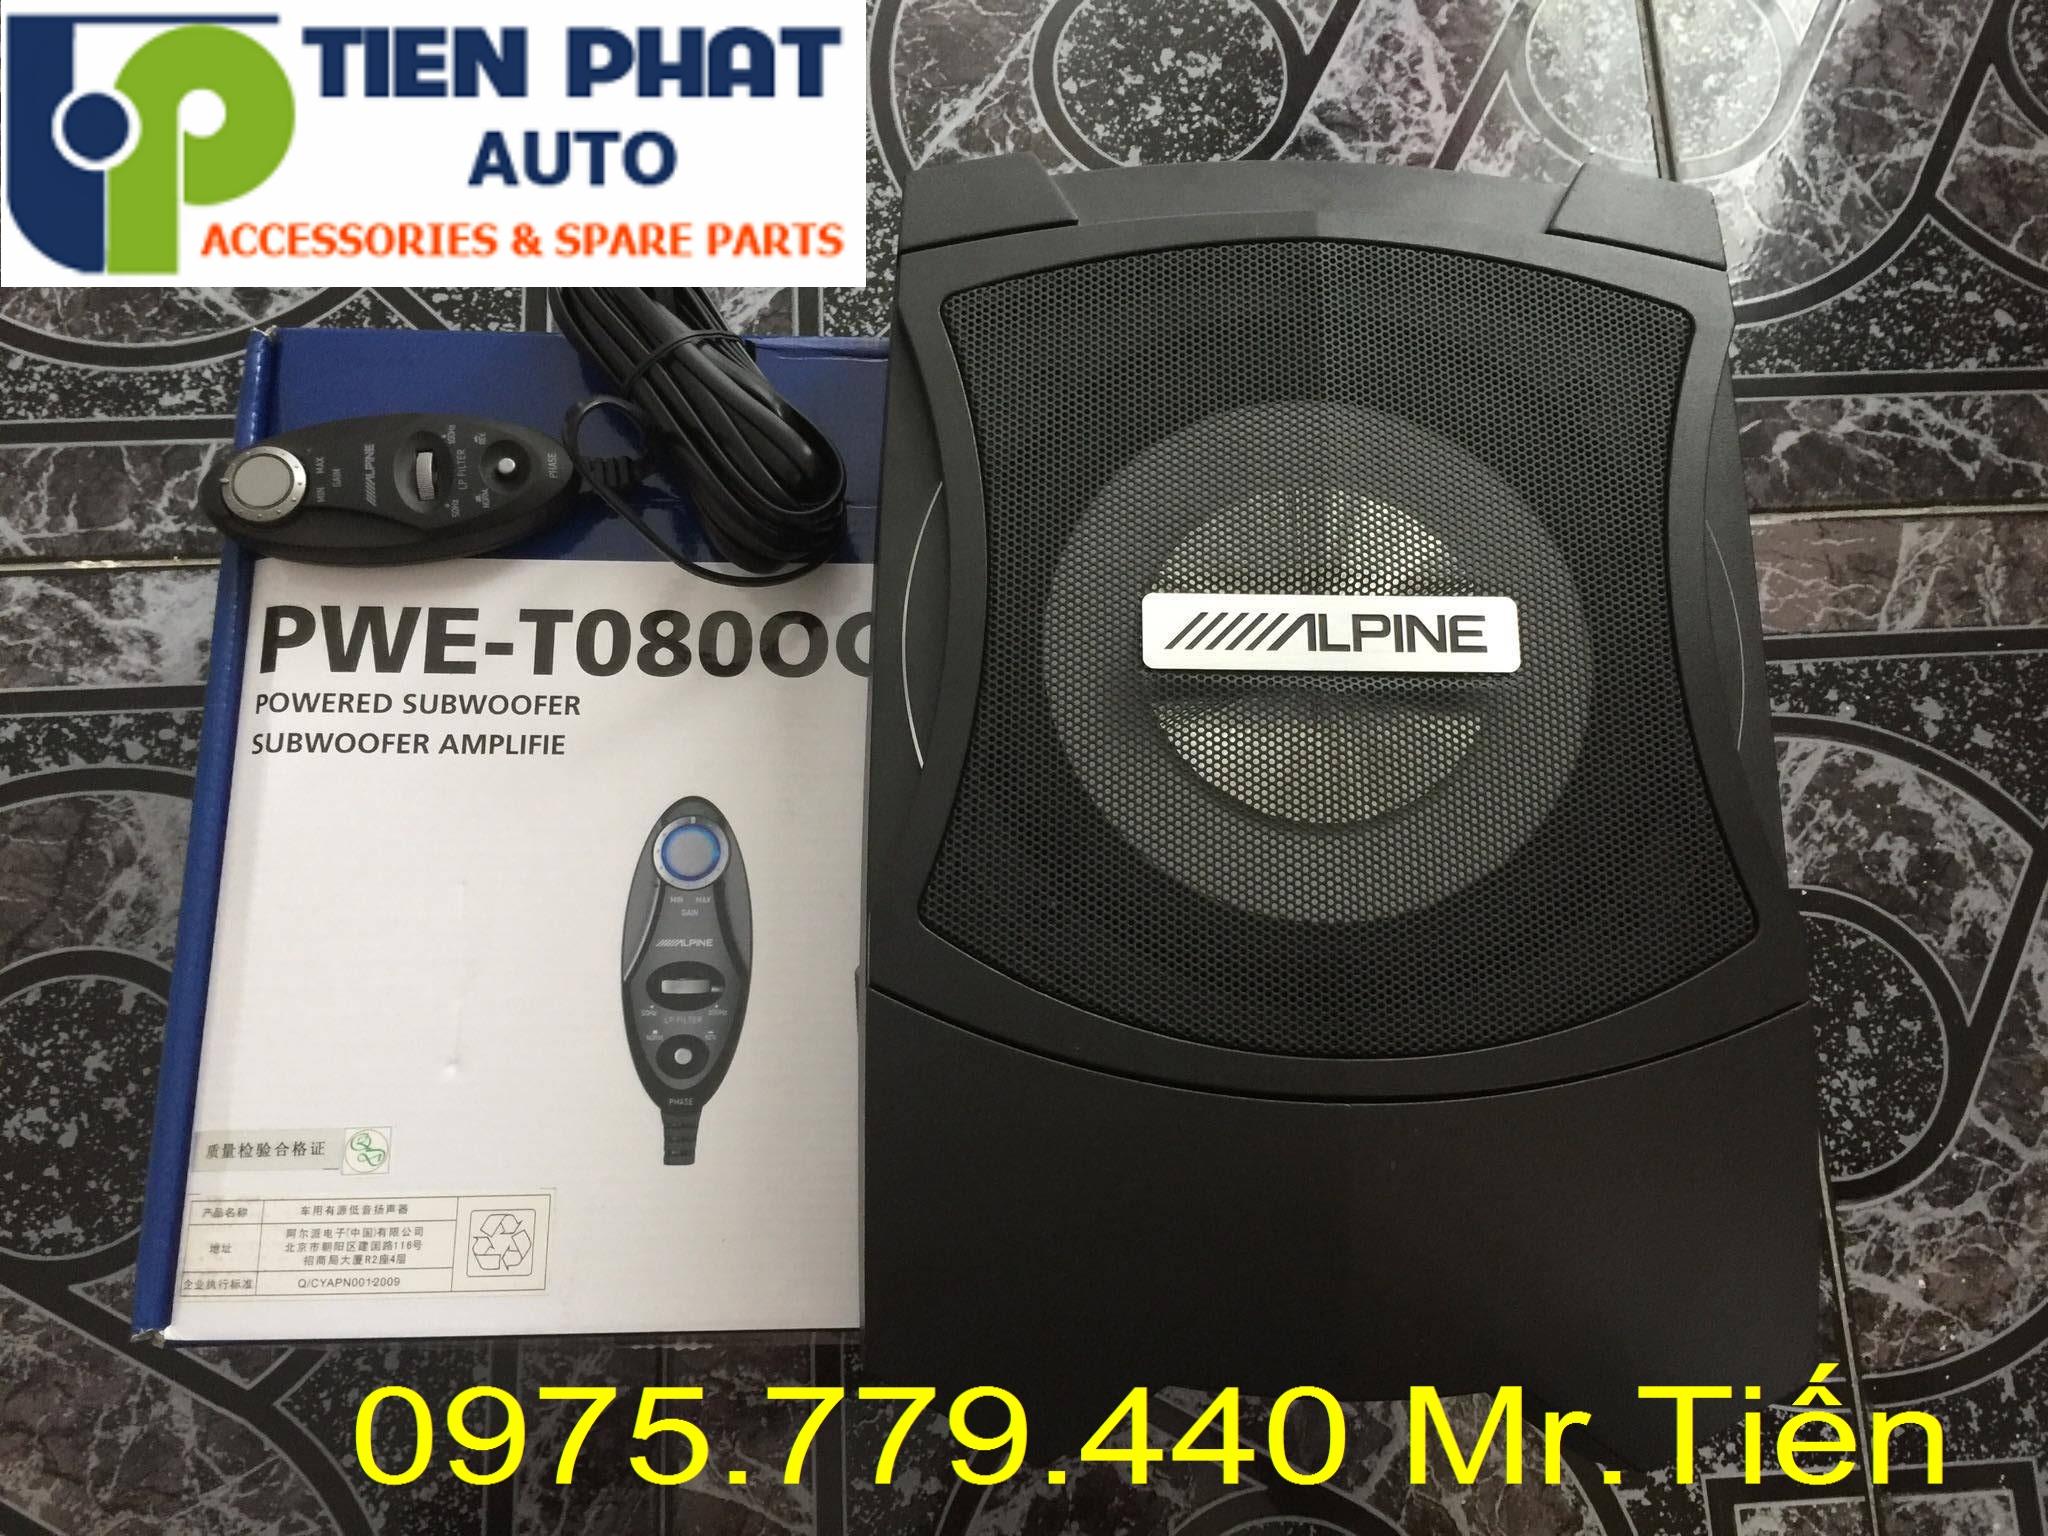 Lắp Loa sub Alpine PWE-T0800C Ô Tô Cho Nissan Xtrail Lắp Đặt Tận Nơi